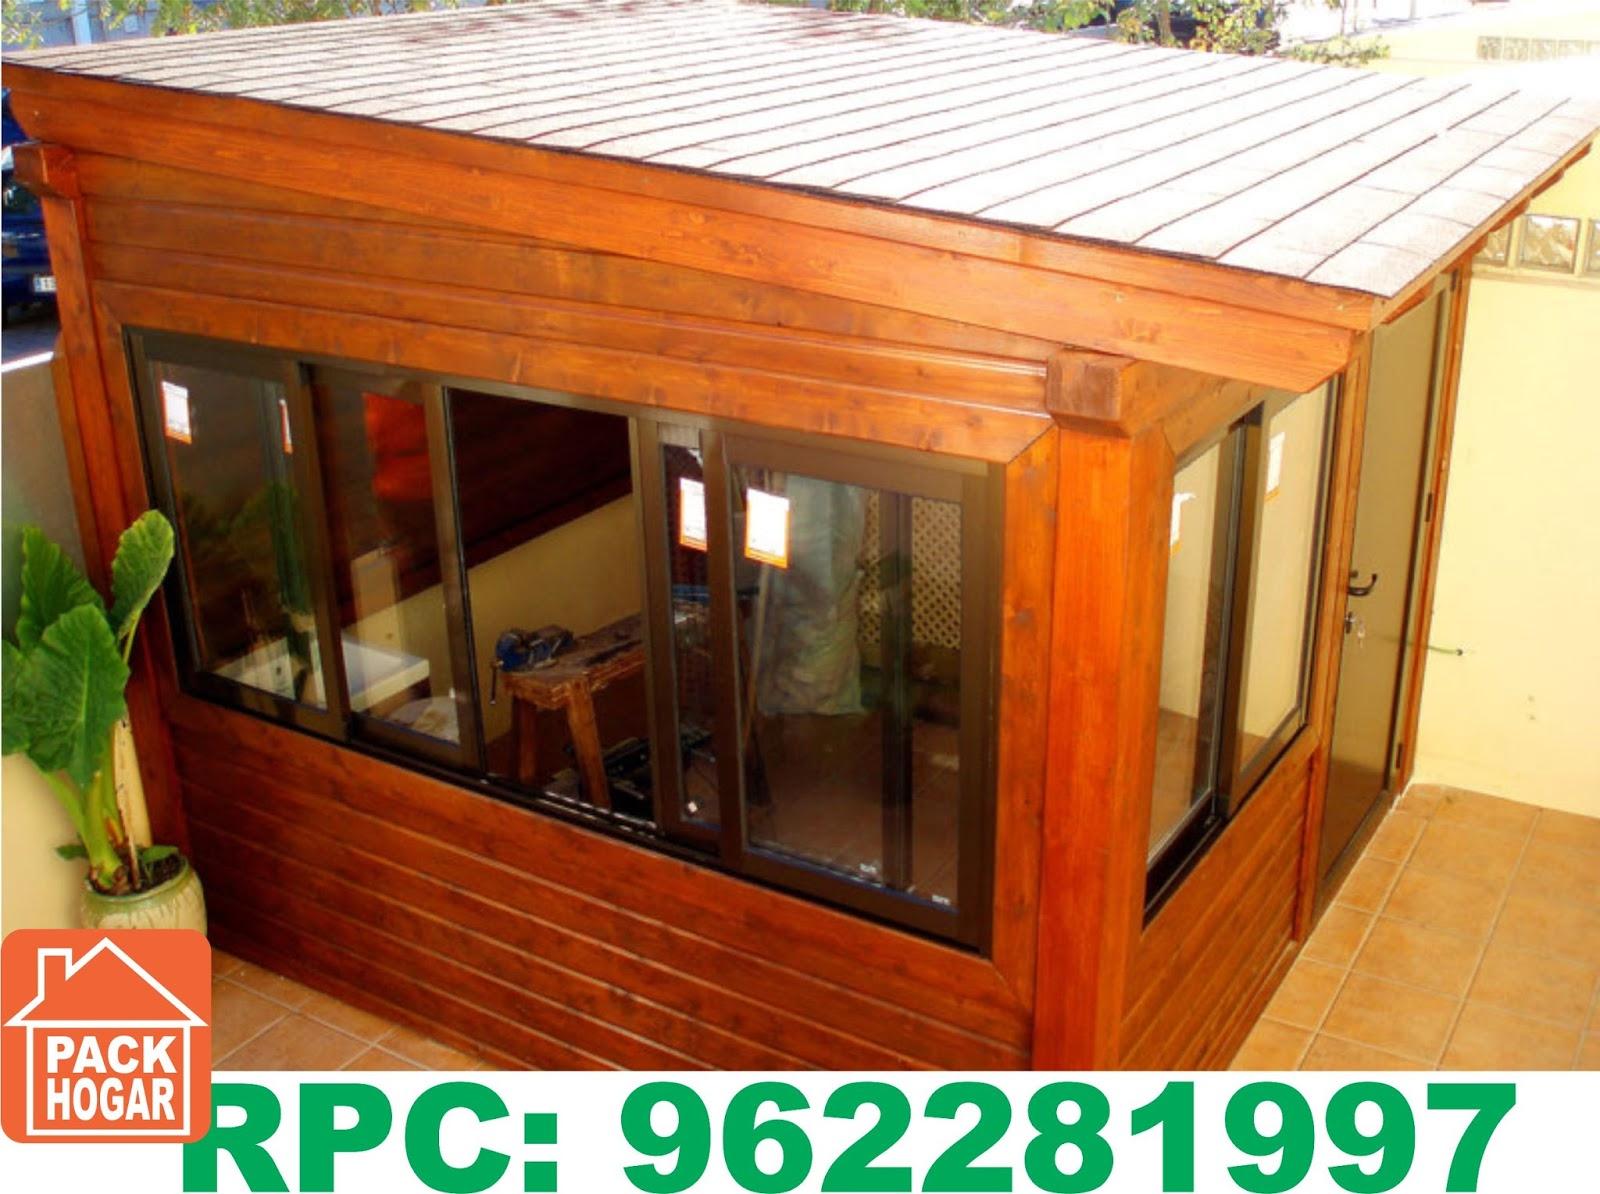 Casetas cuartos habitables prefabricadas de madera lima for Casetas para terrazas